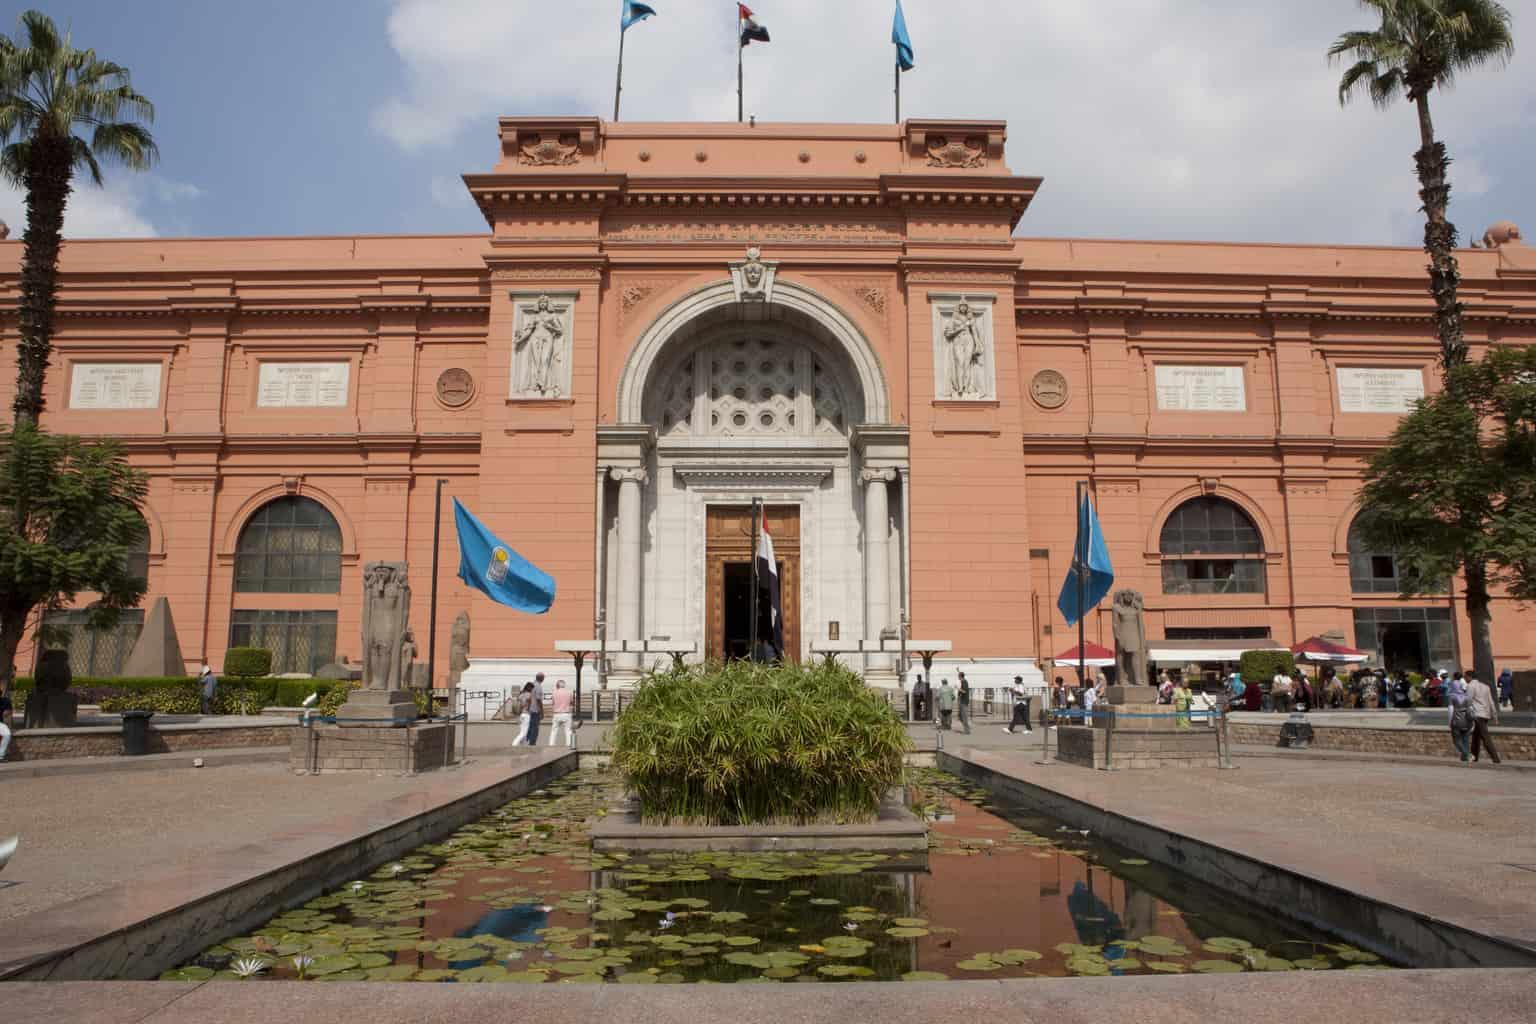 O-Museu-Egípcio-do-Cairo-é-dono-de-mais-120-mil-peças-arqueológicas-e-itens-que-remetem-à-época-faraônica.